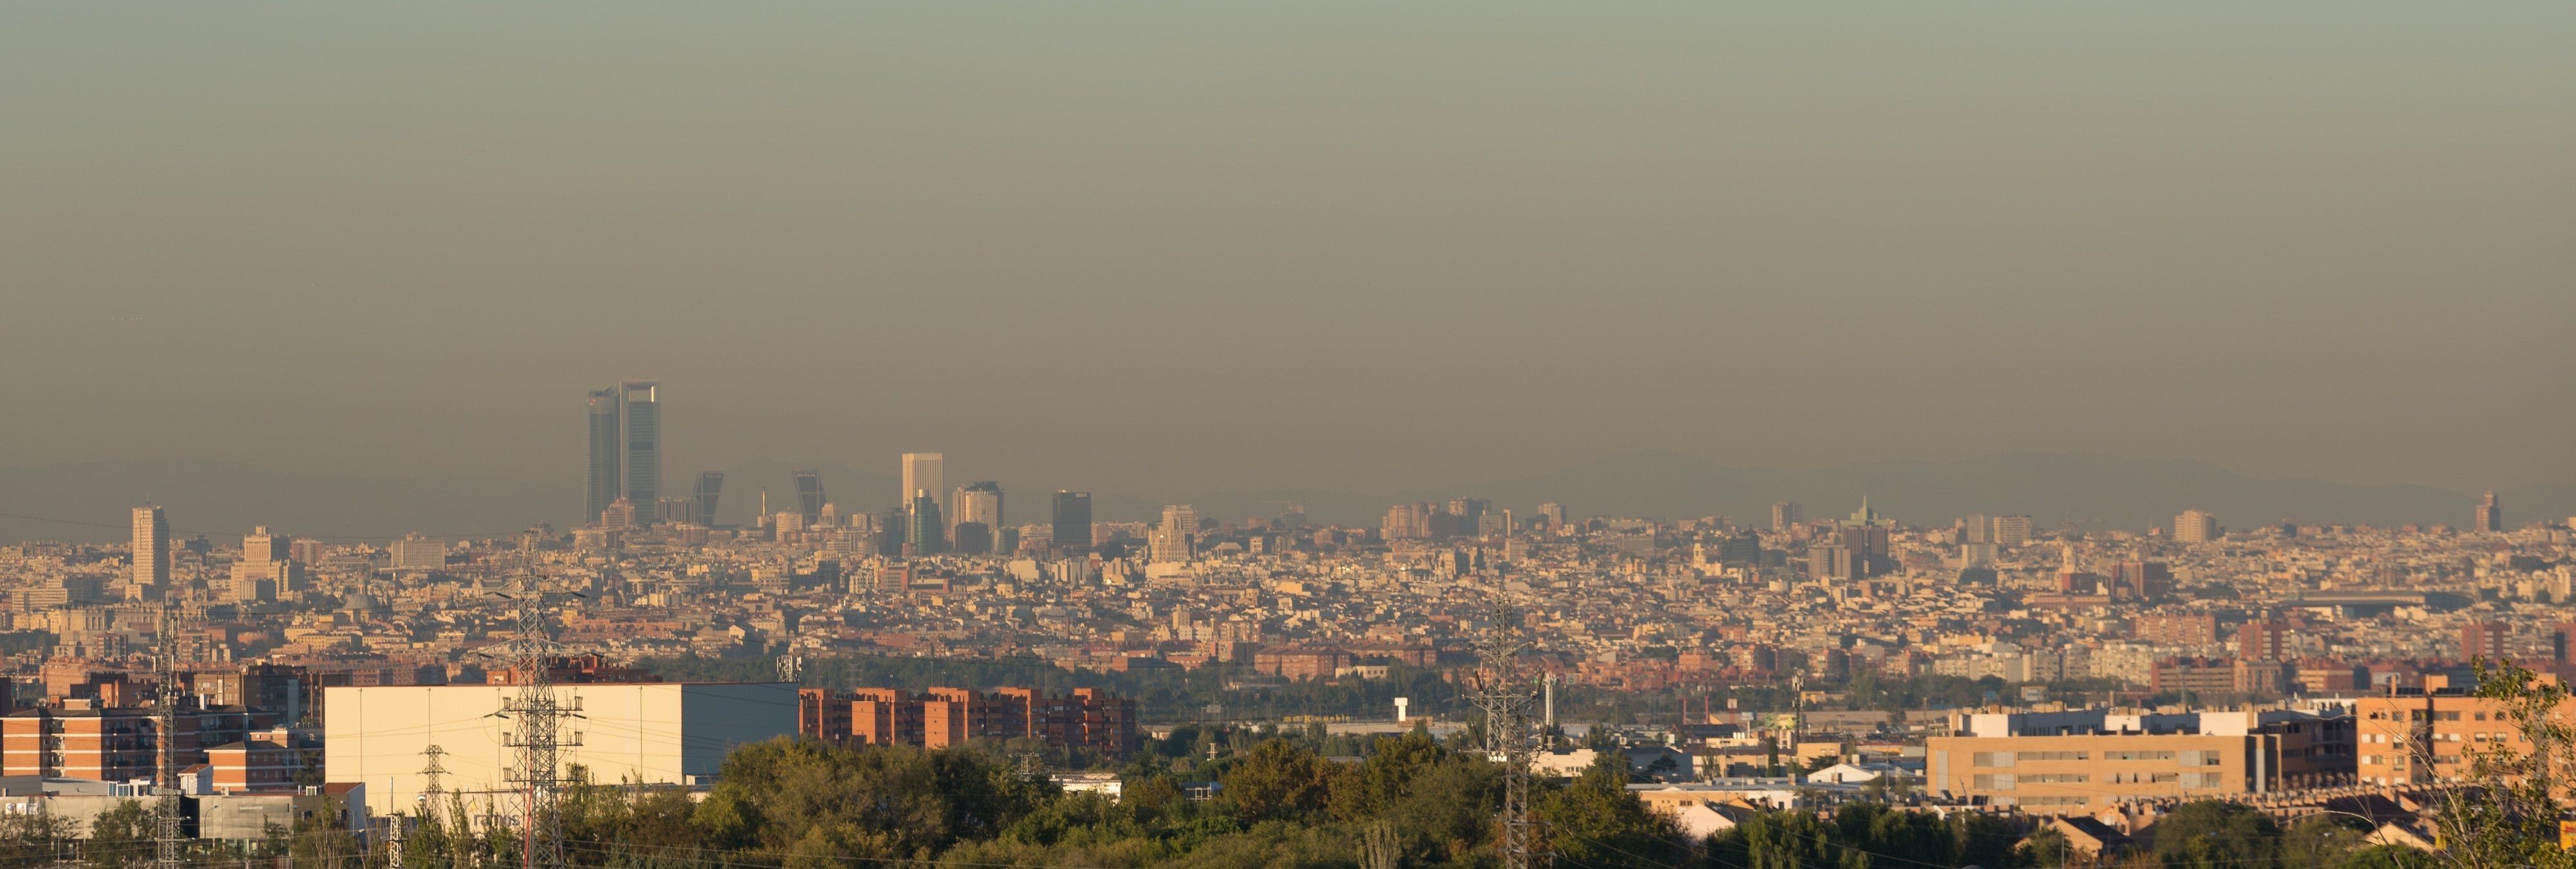 La contaminación de Madrid mata a 15 personas al día